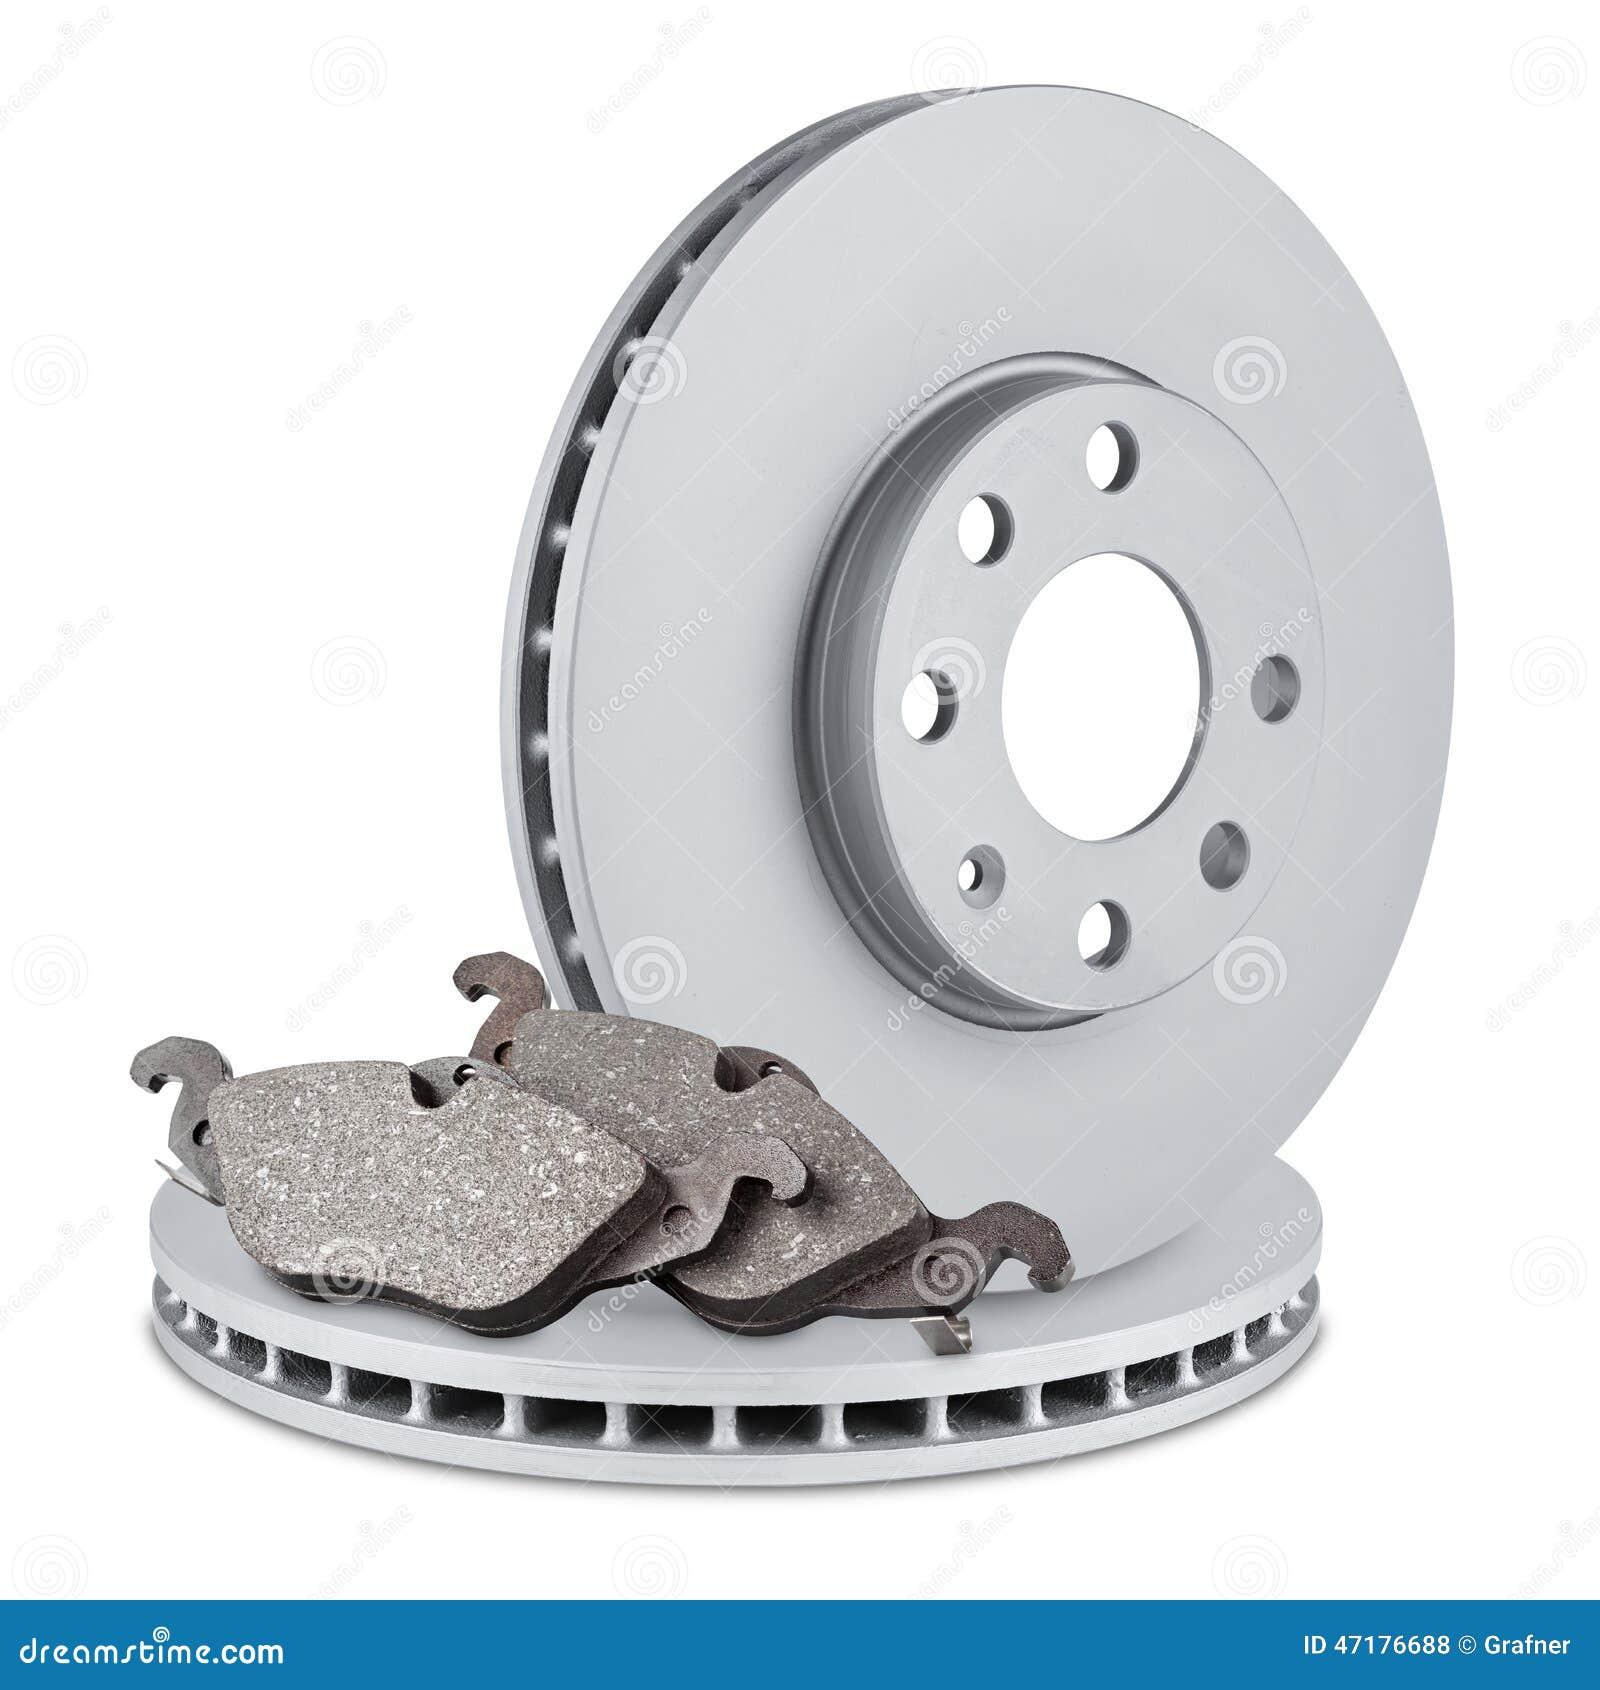 disques et protections de frein de voiture photo stock image 47176688. Black Bedroom Furniture Sets. Home Design Ideas